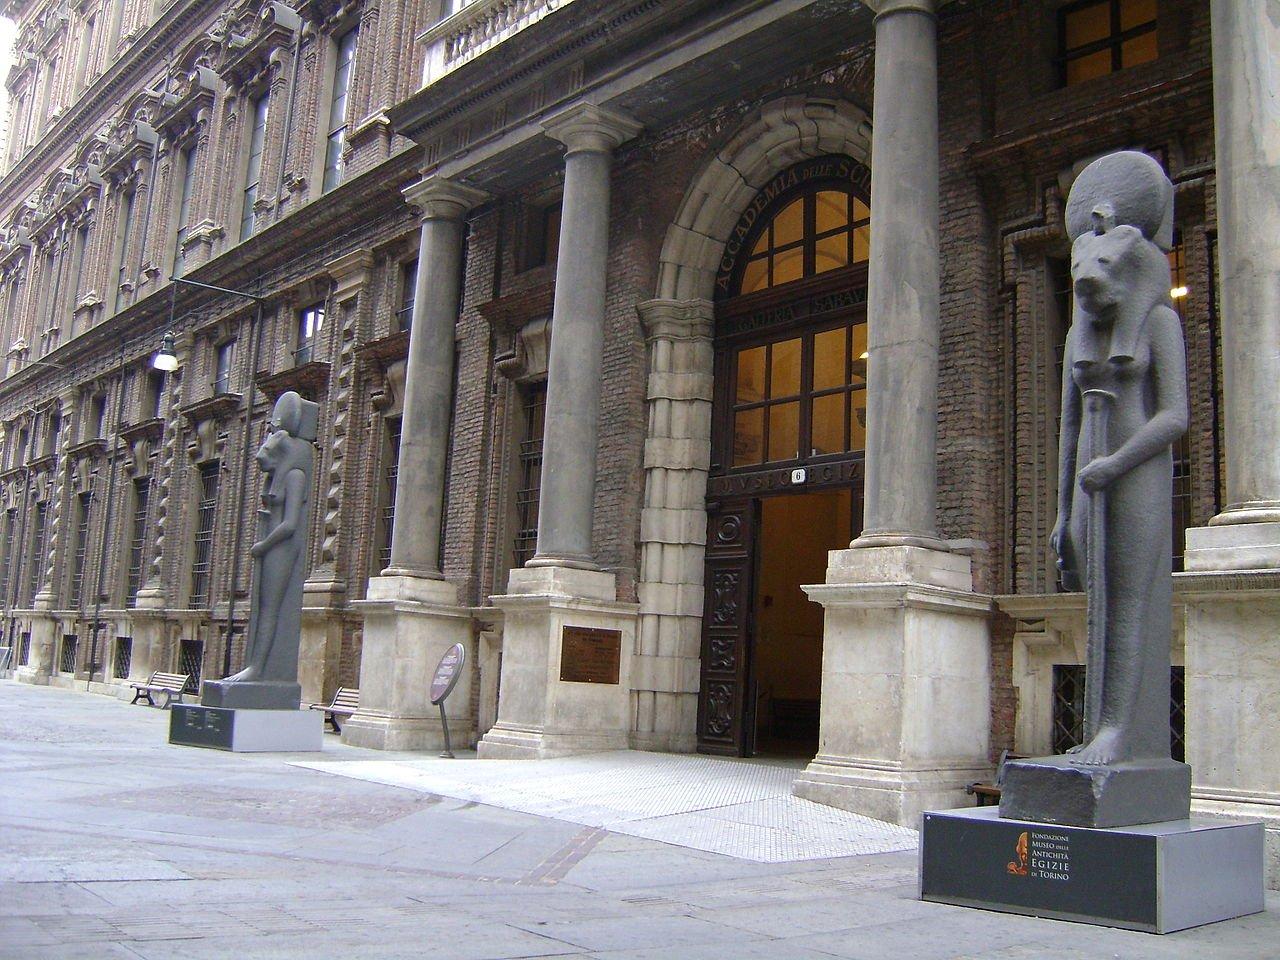 義大利博物館俾阿拉伯人折扣 搞到當地人電話轟炸熱線抗議